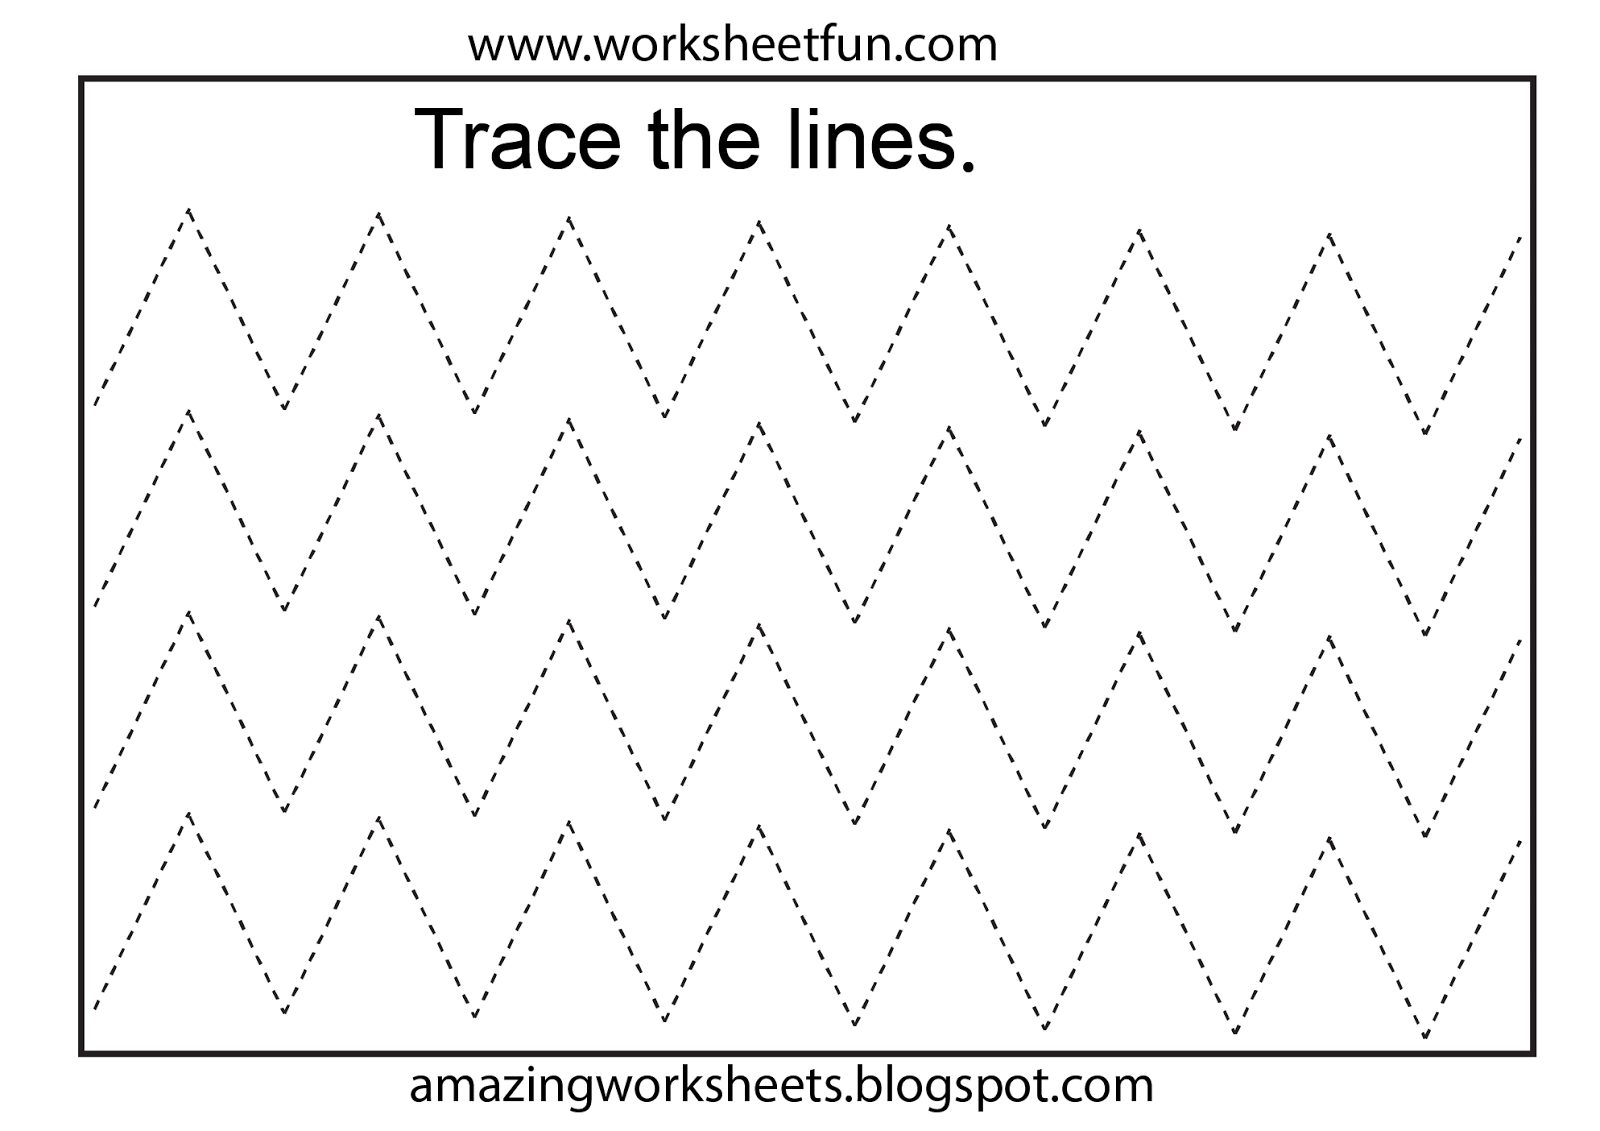 Free Printable Tracing Worksheets Preschool | Preschool Worksheets - Free Printable Fine Motor Skills Worksheets